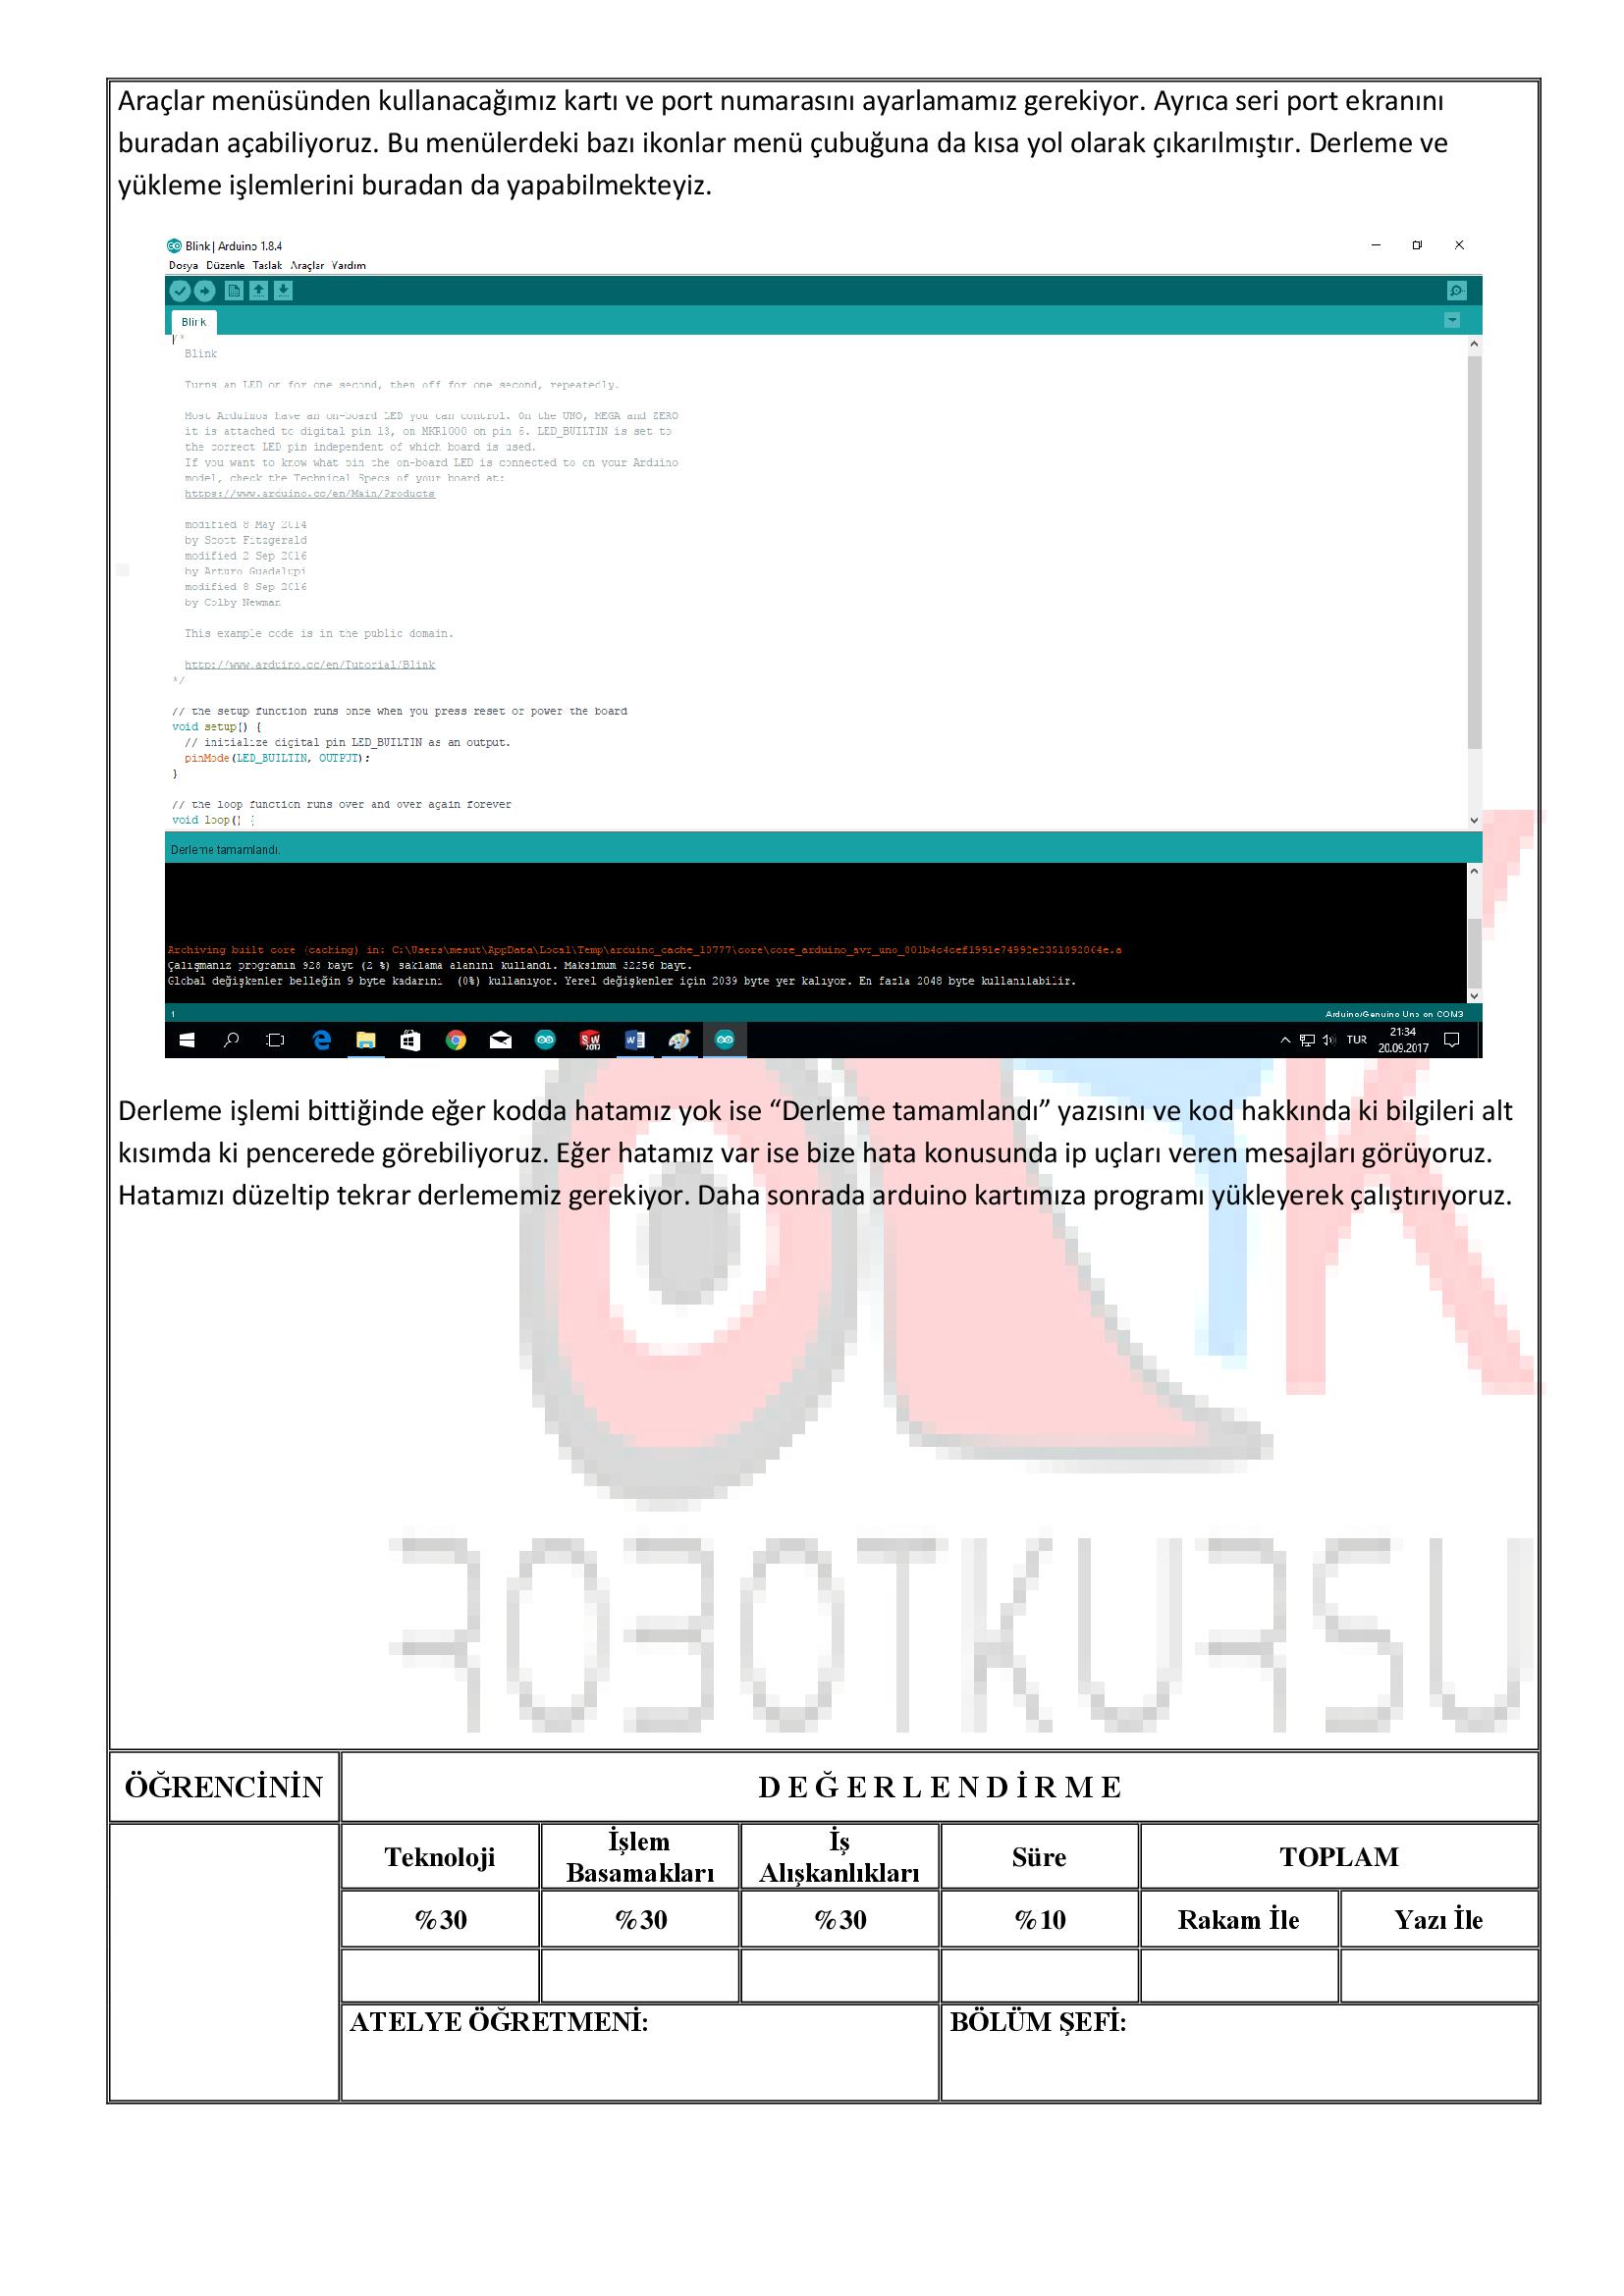 Temrin 103:     Arduino IDE programının kurulumu ve menülerinin tanıtılması